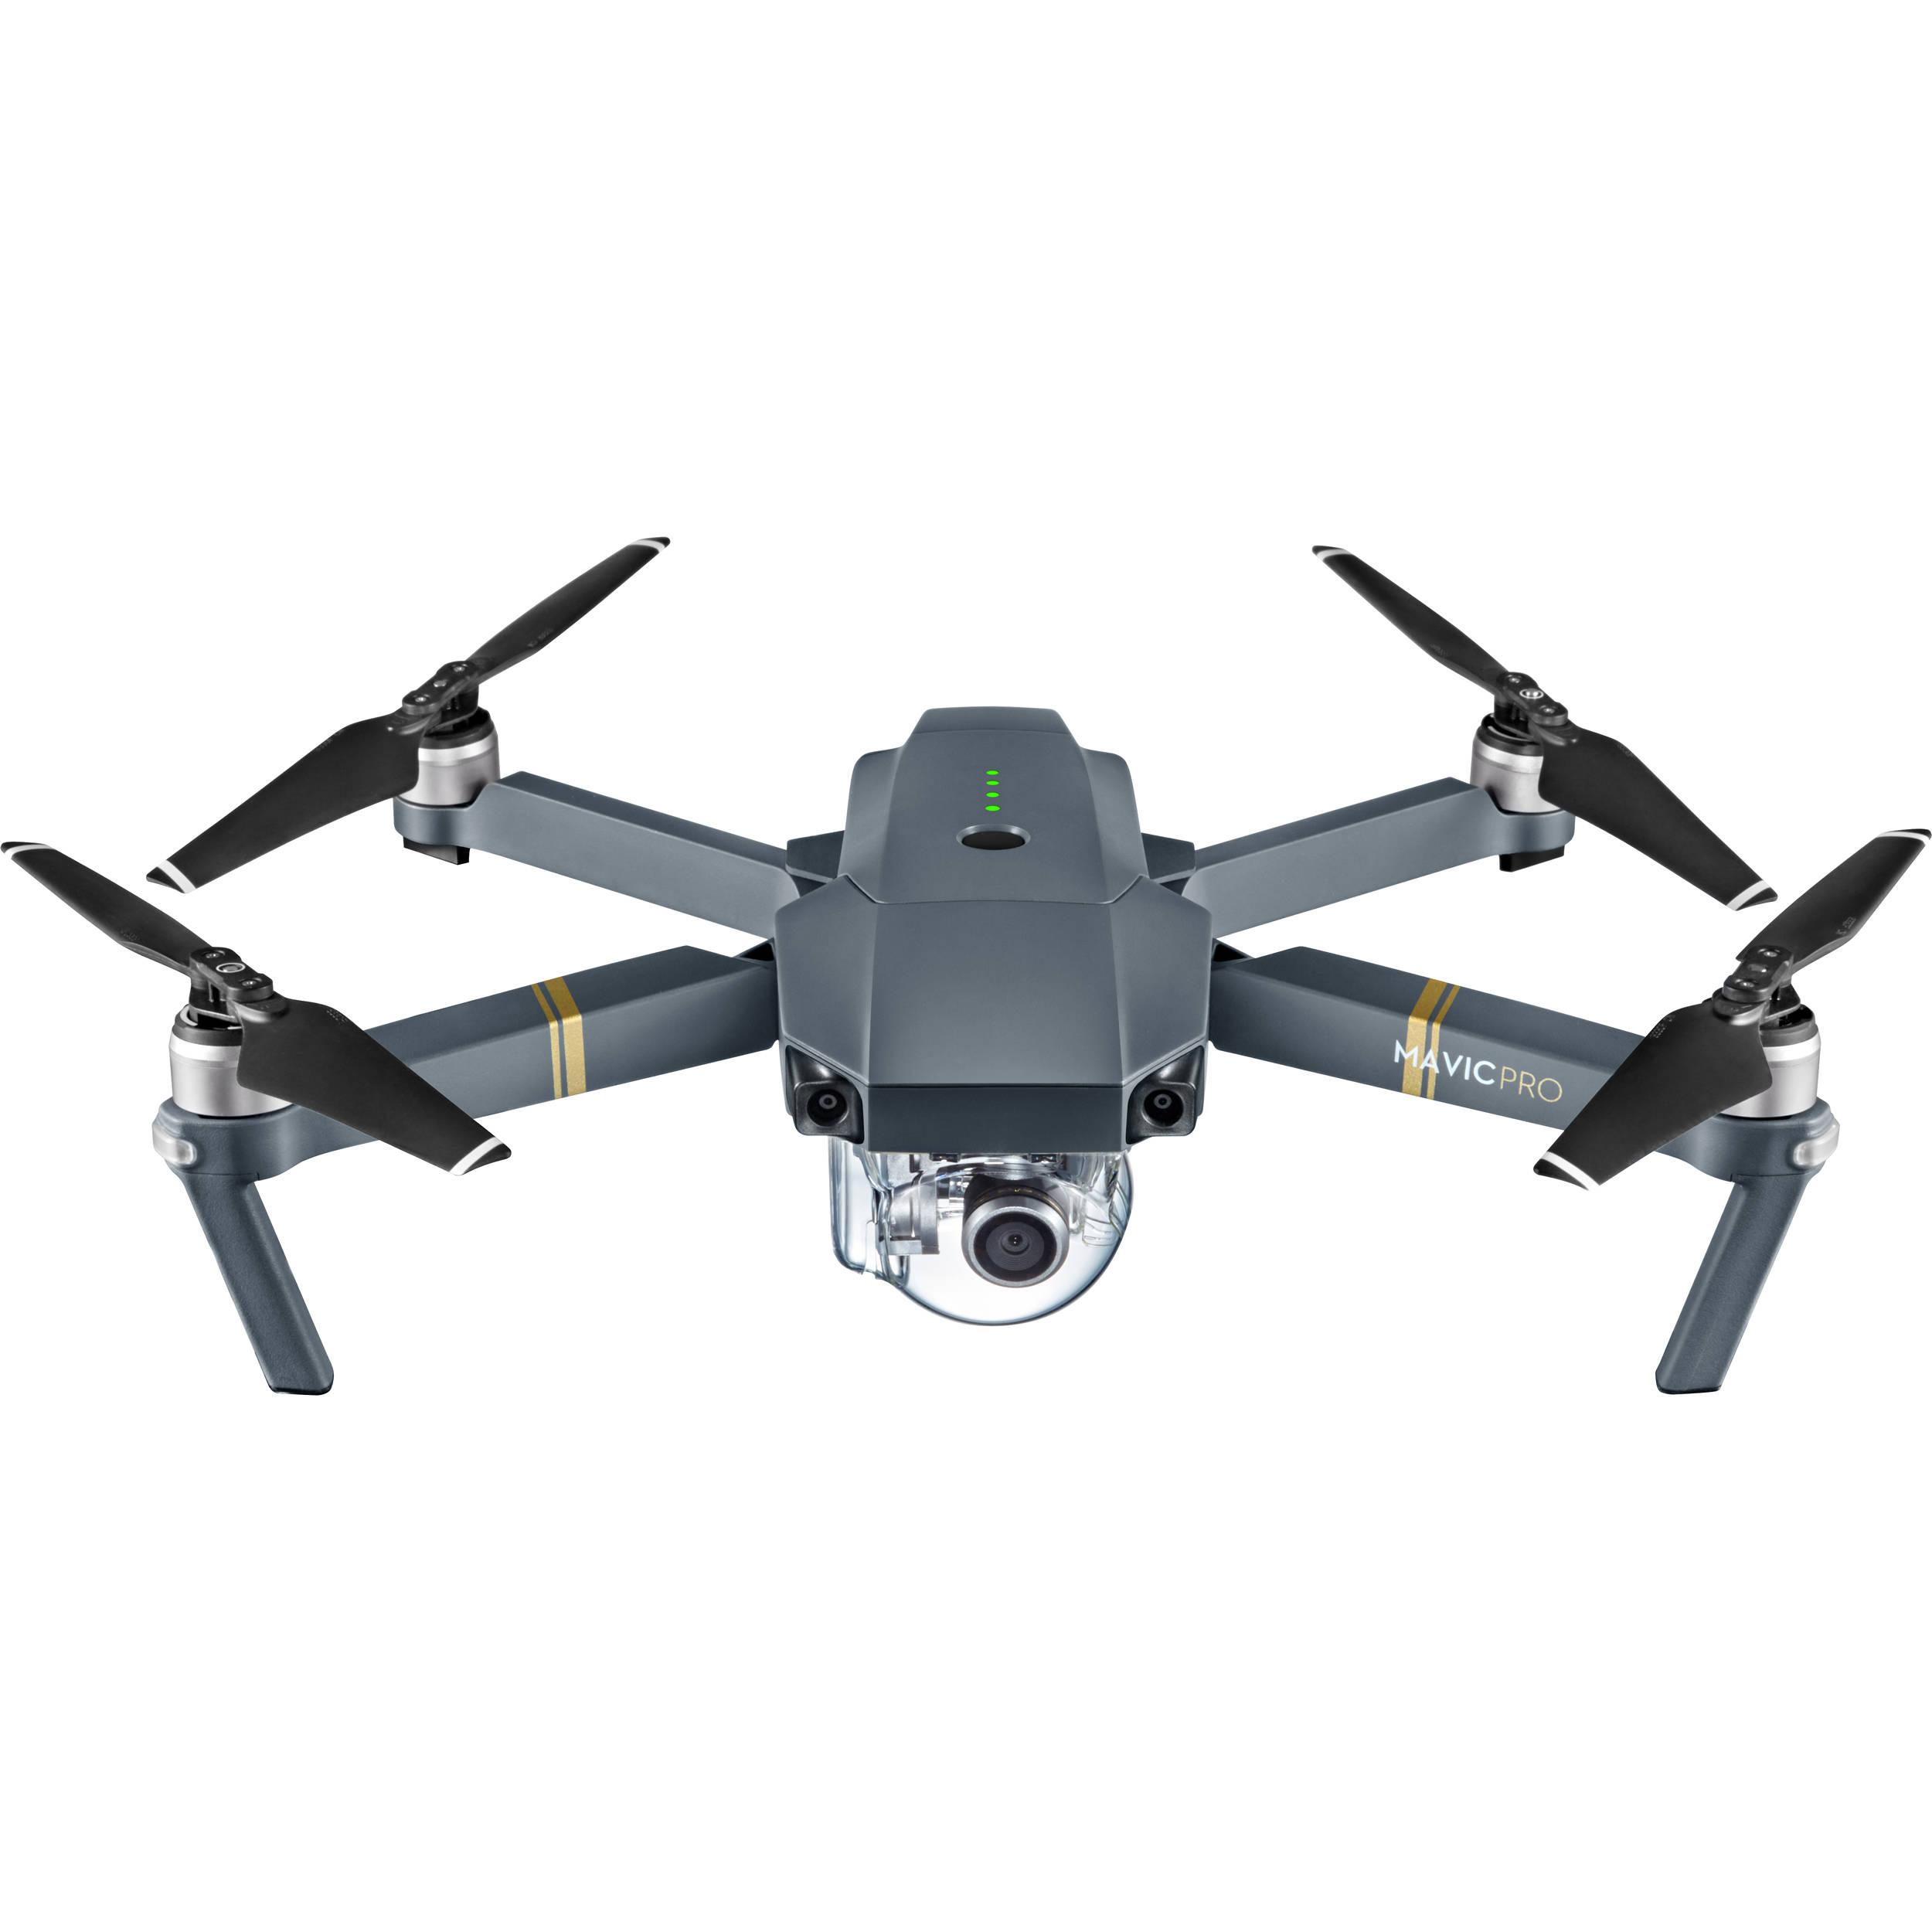 Dji Mavic Pro Camera Drone Cppt000500 Mavic Pro Bh